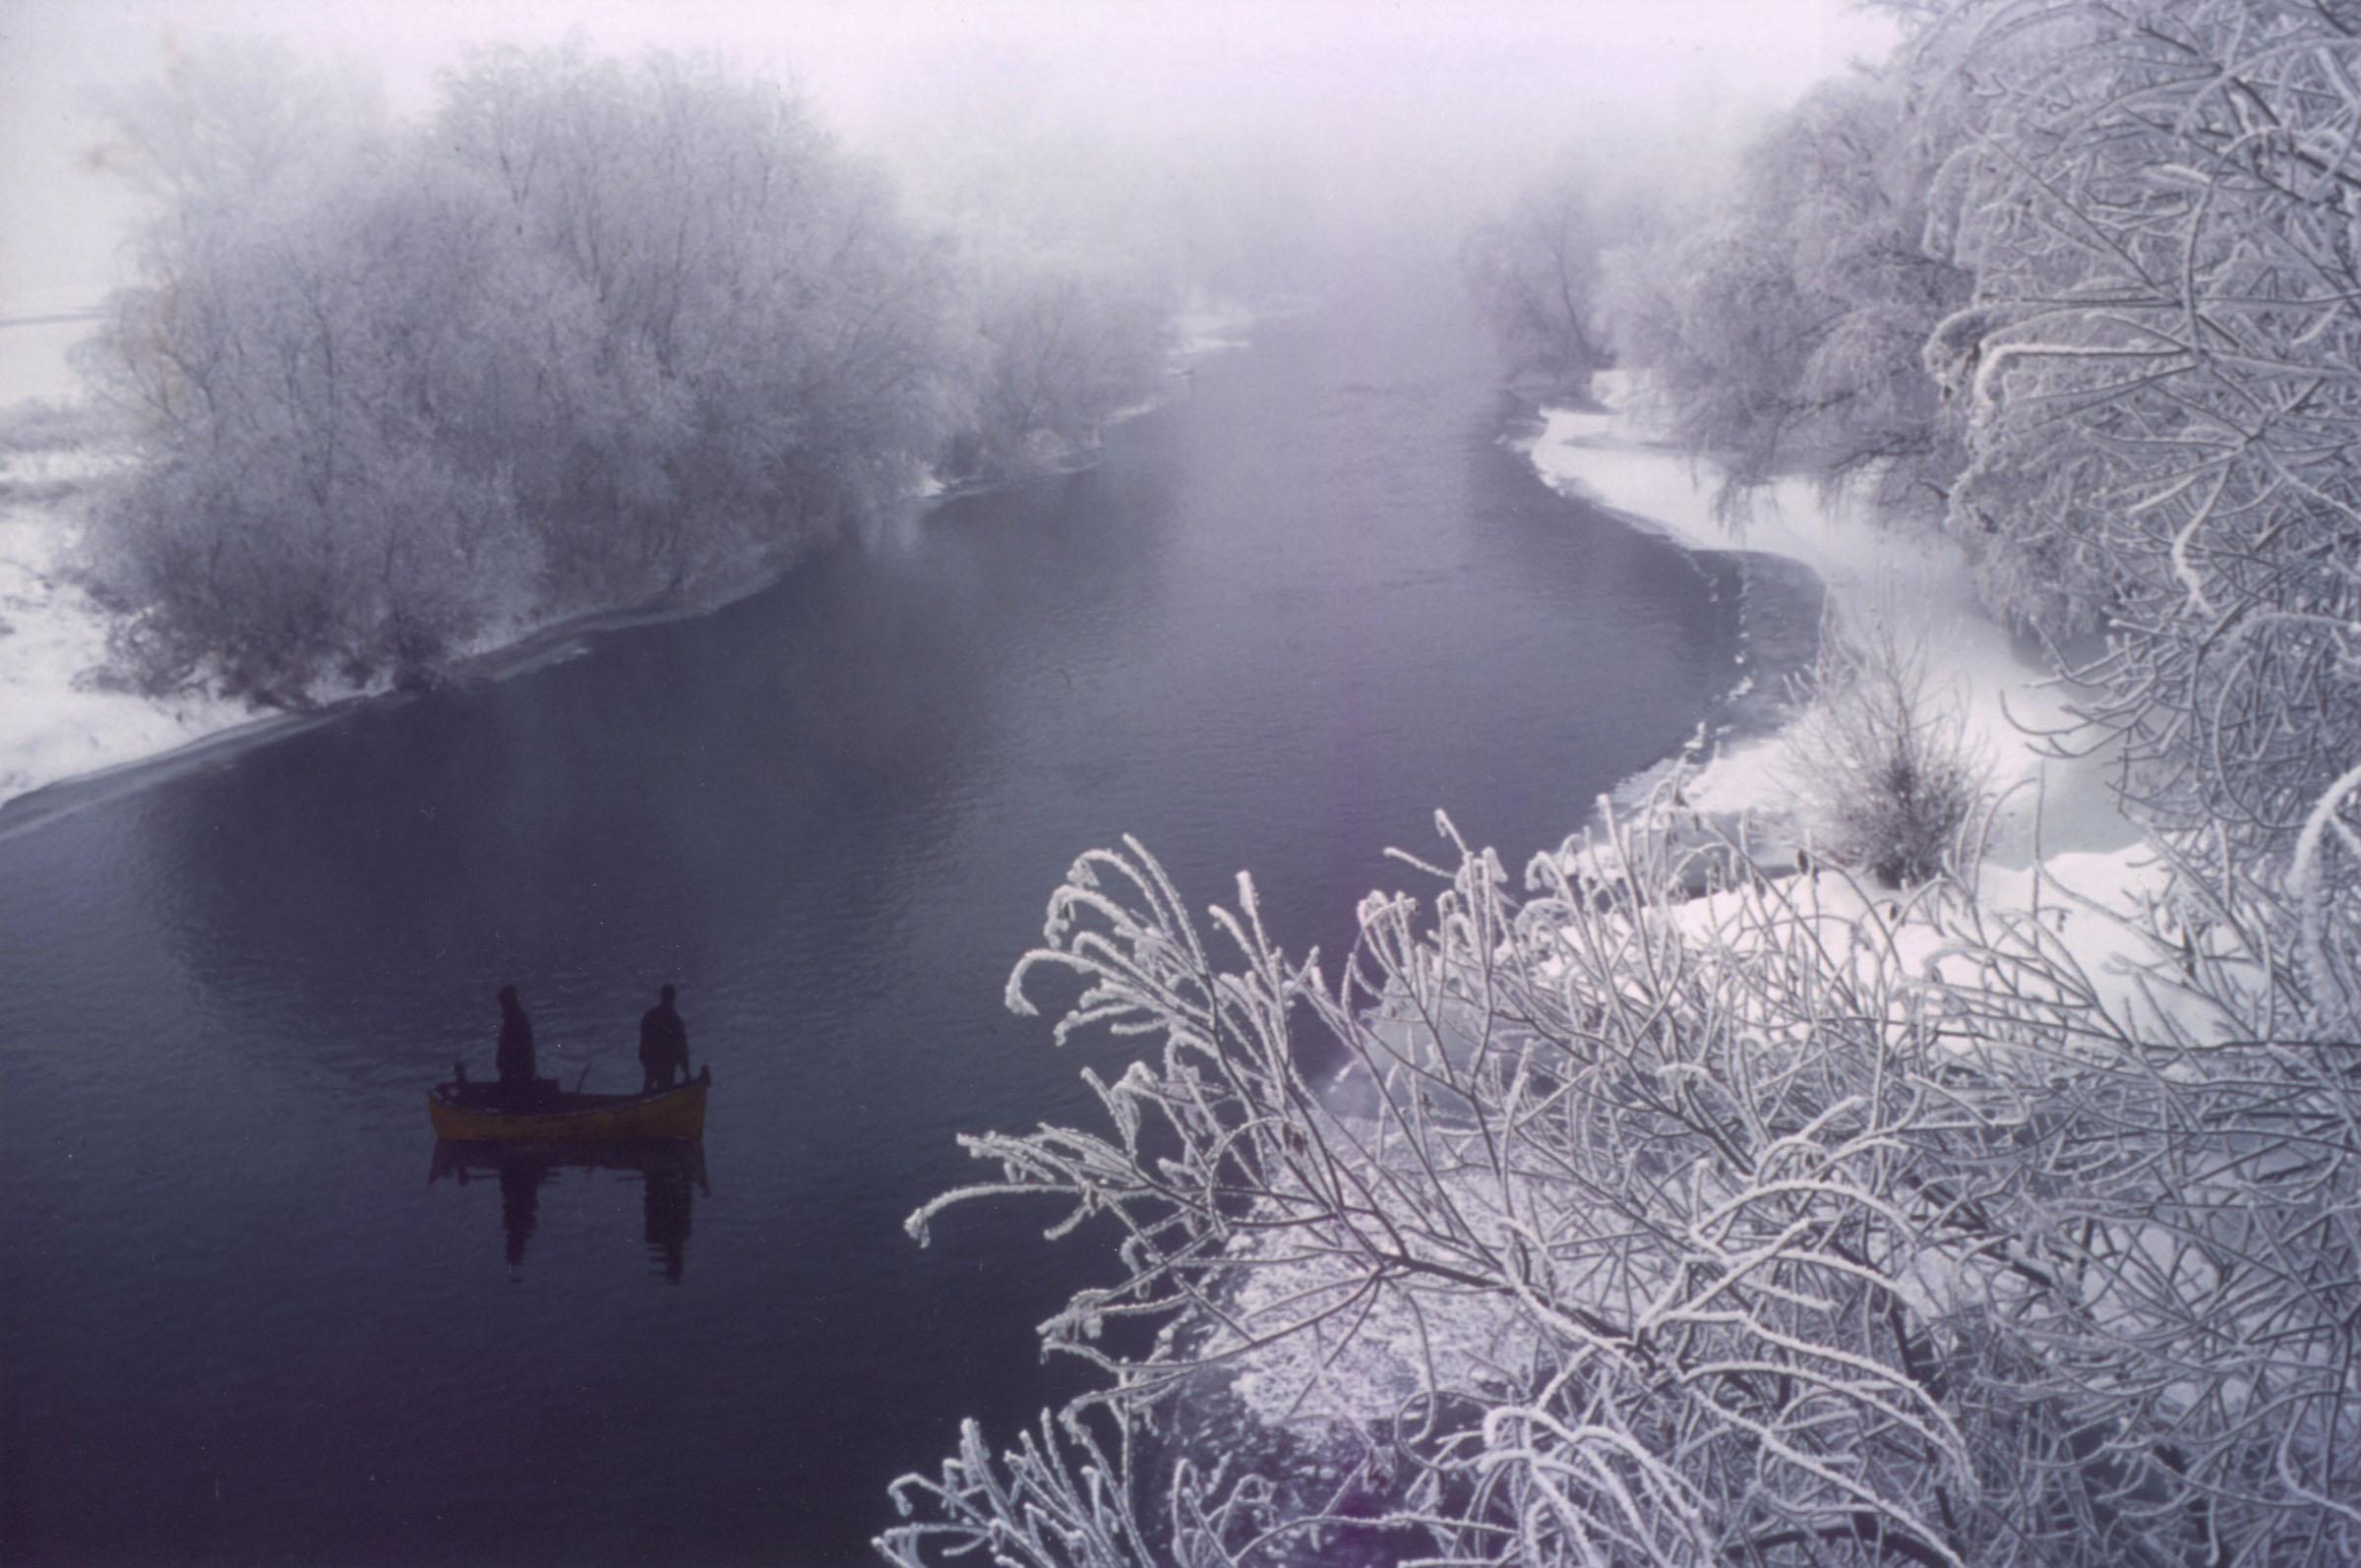 2004.09.18. Hétköznapok fotópályázat - Juhász Miklós - Téli halászat.jpg